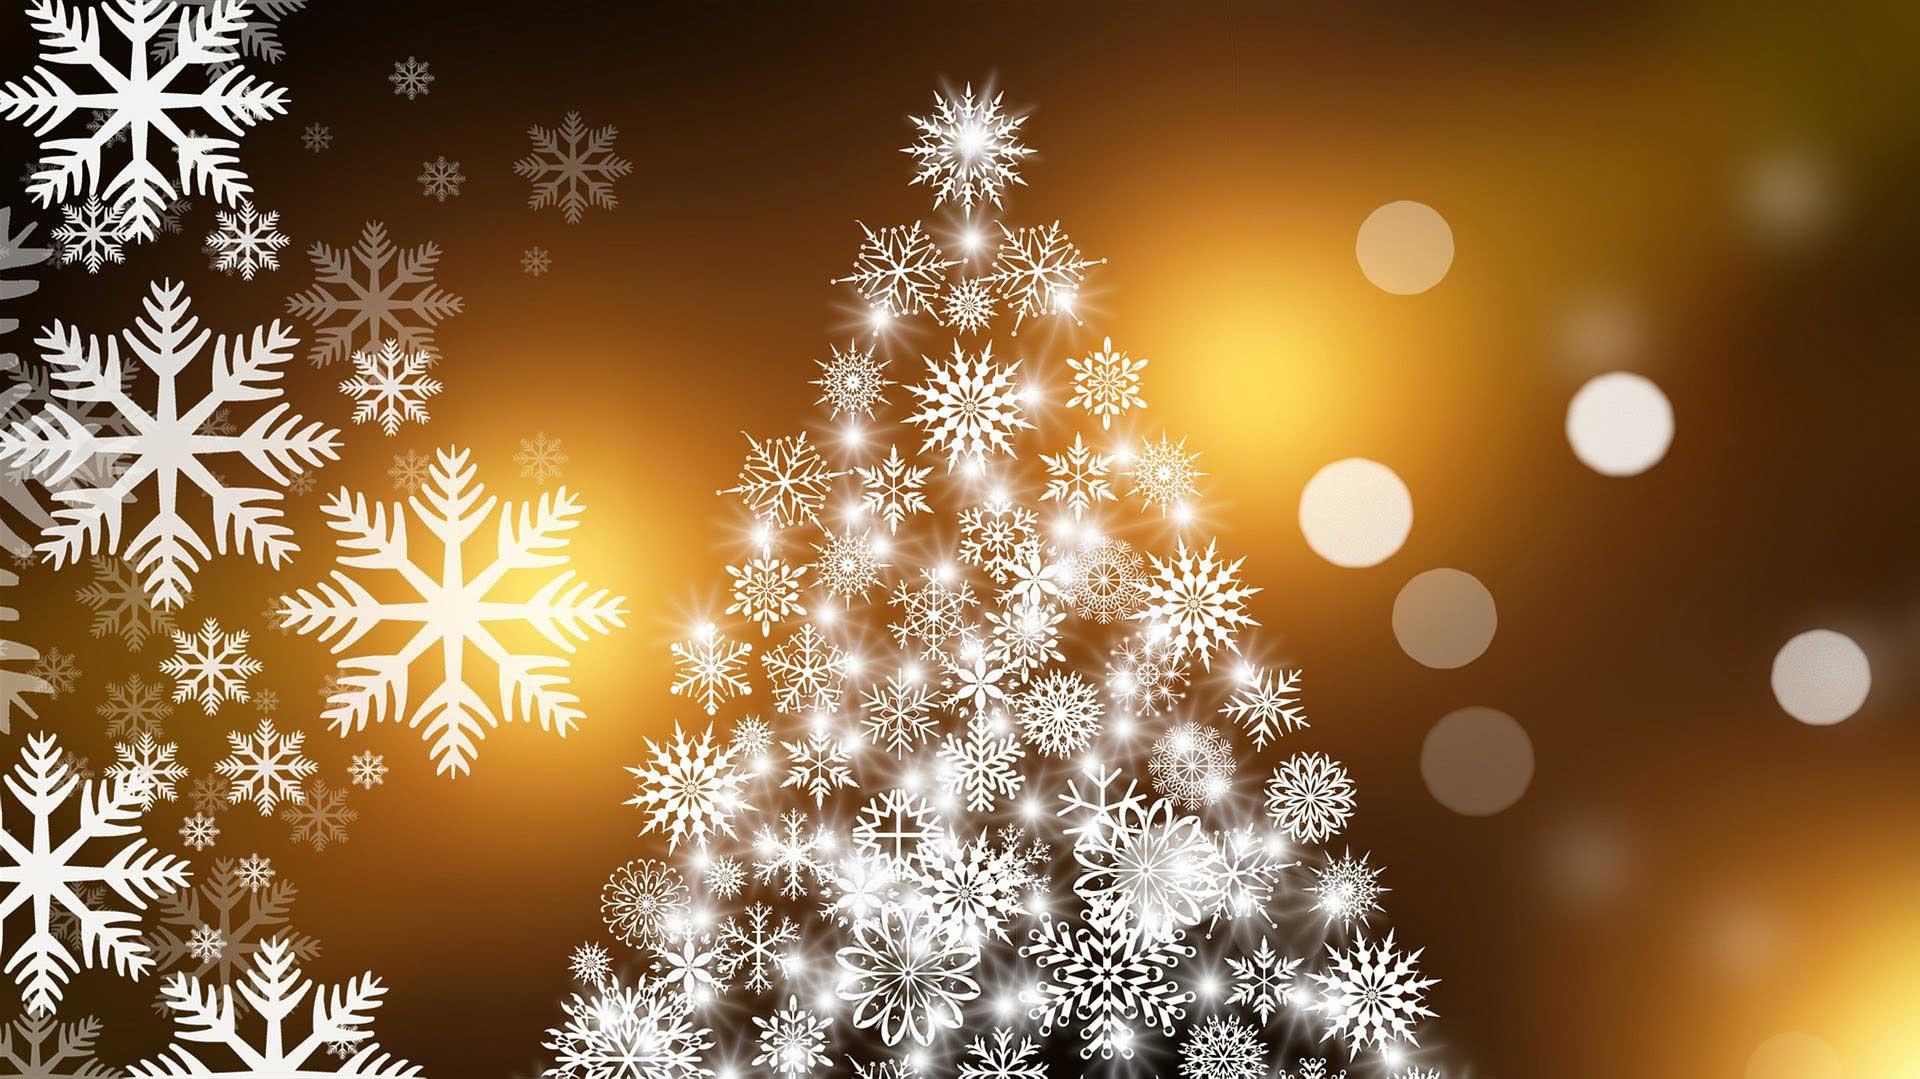 Bist du bereit für Weihnachten?